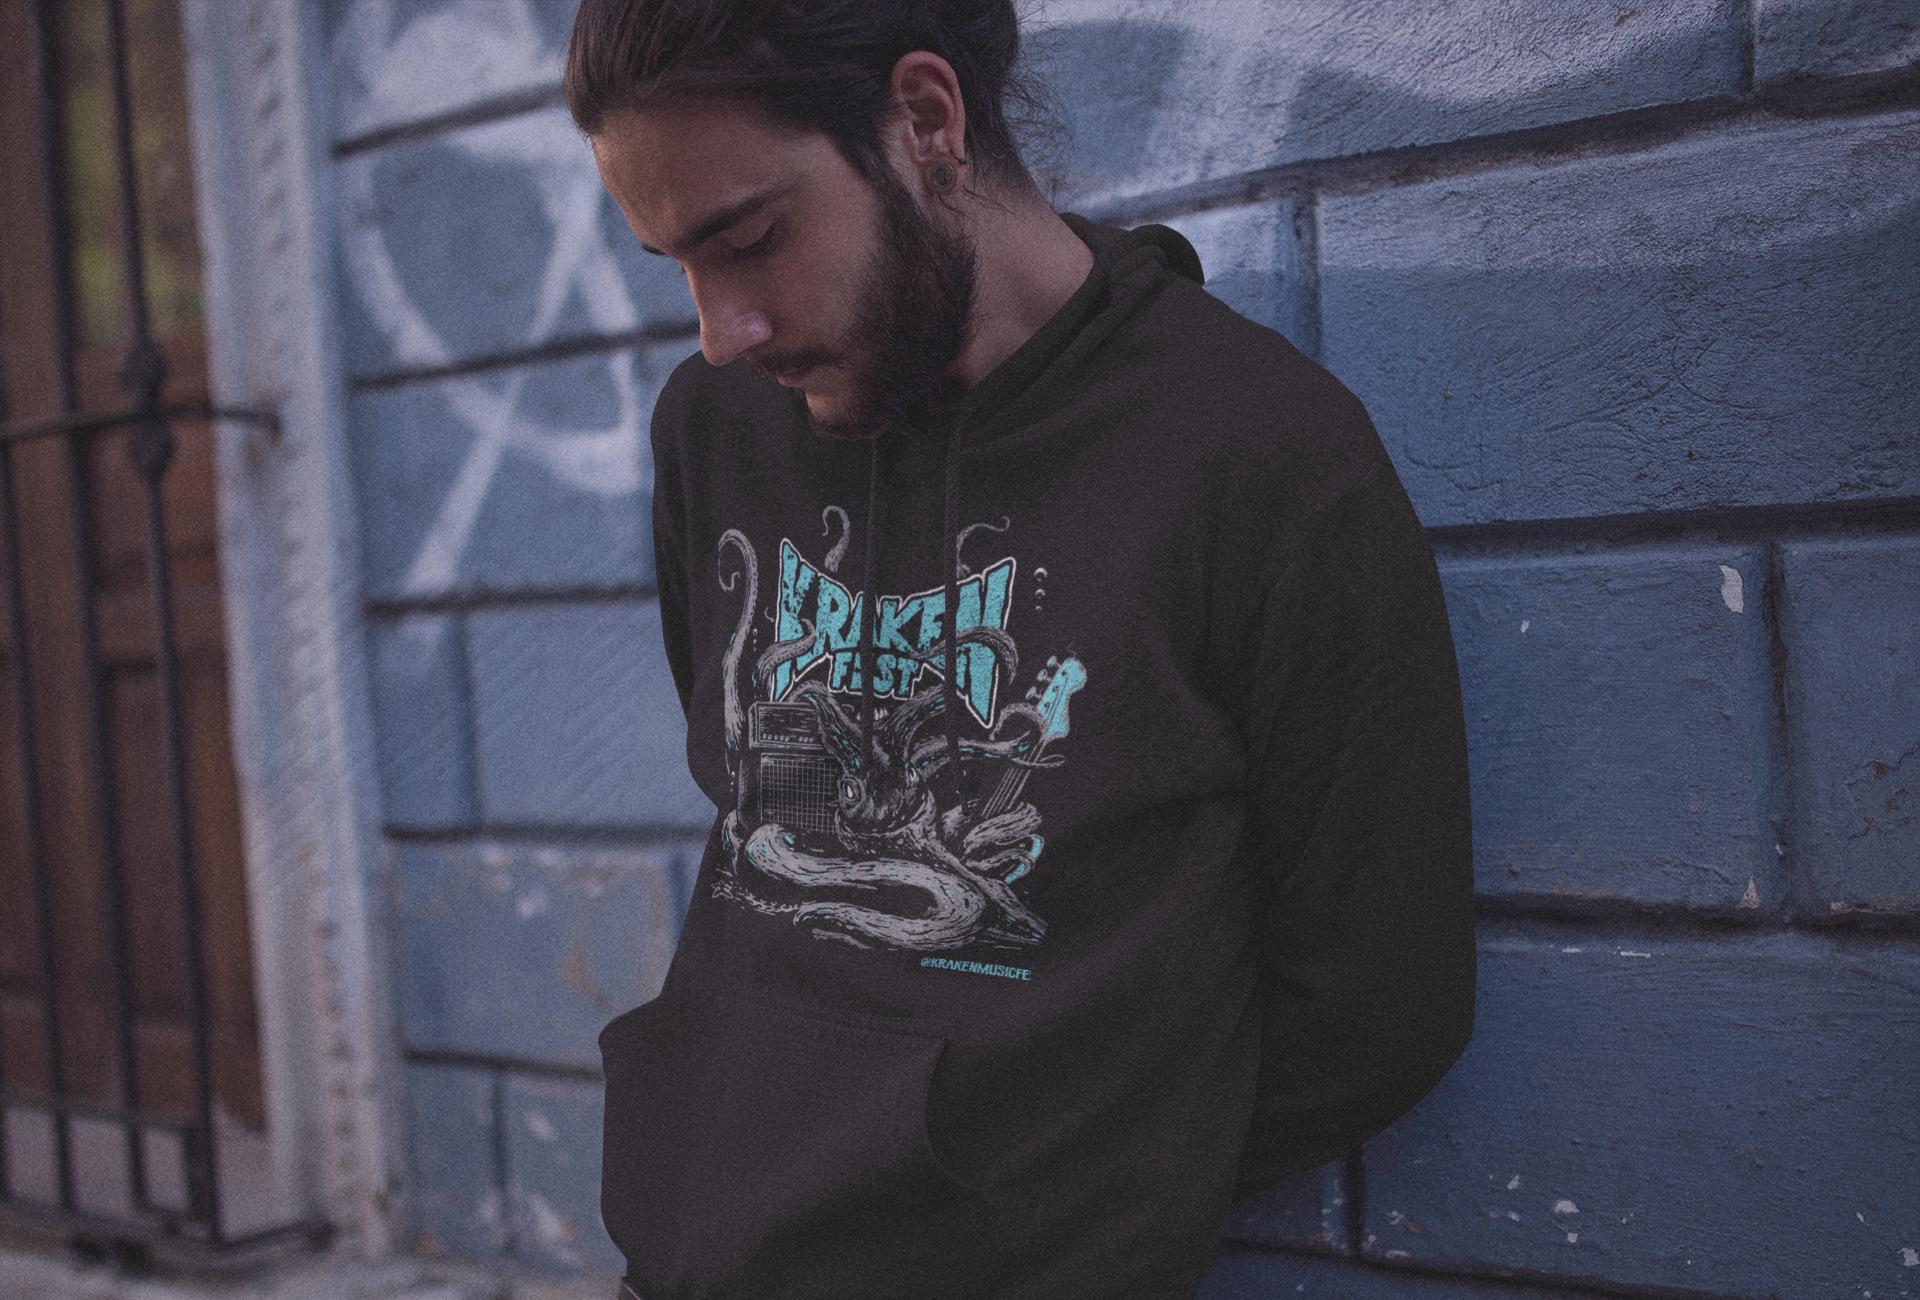 Guy wearing krakenfest hoodie